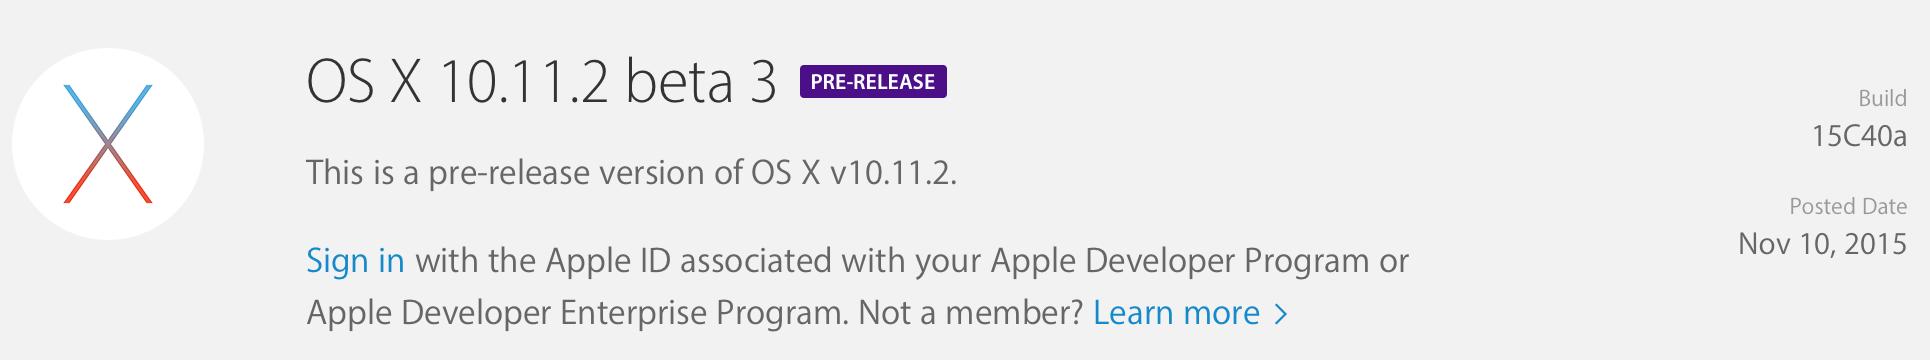 OS X Beta-Release-bildschirmfoto-2015-11-10-um-19.33.39.png